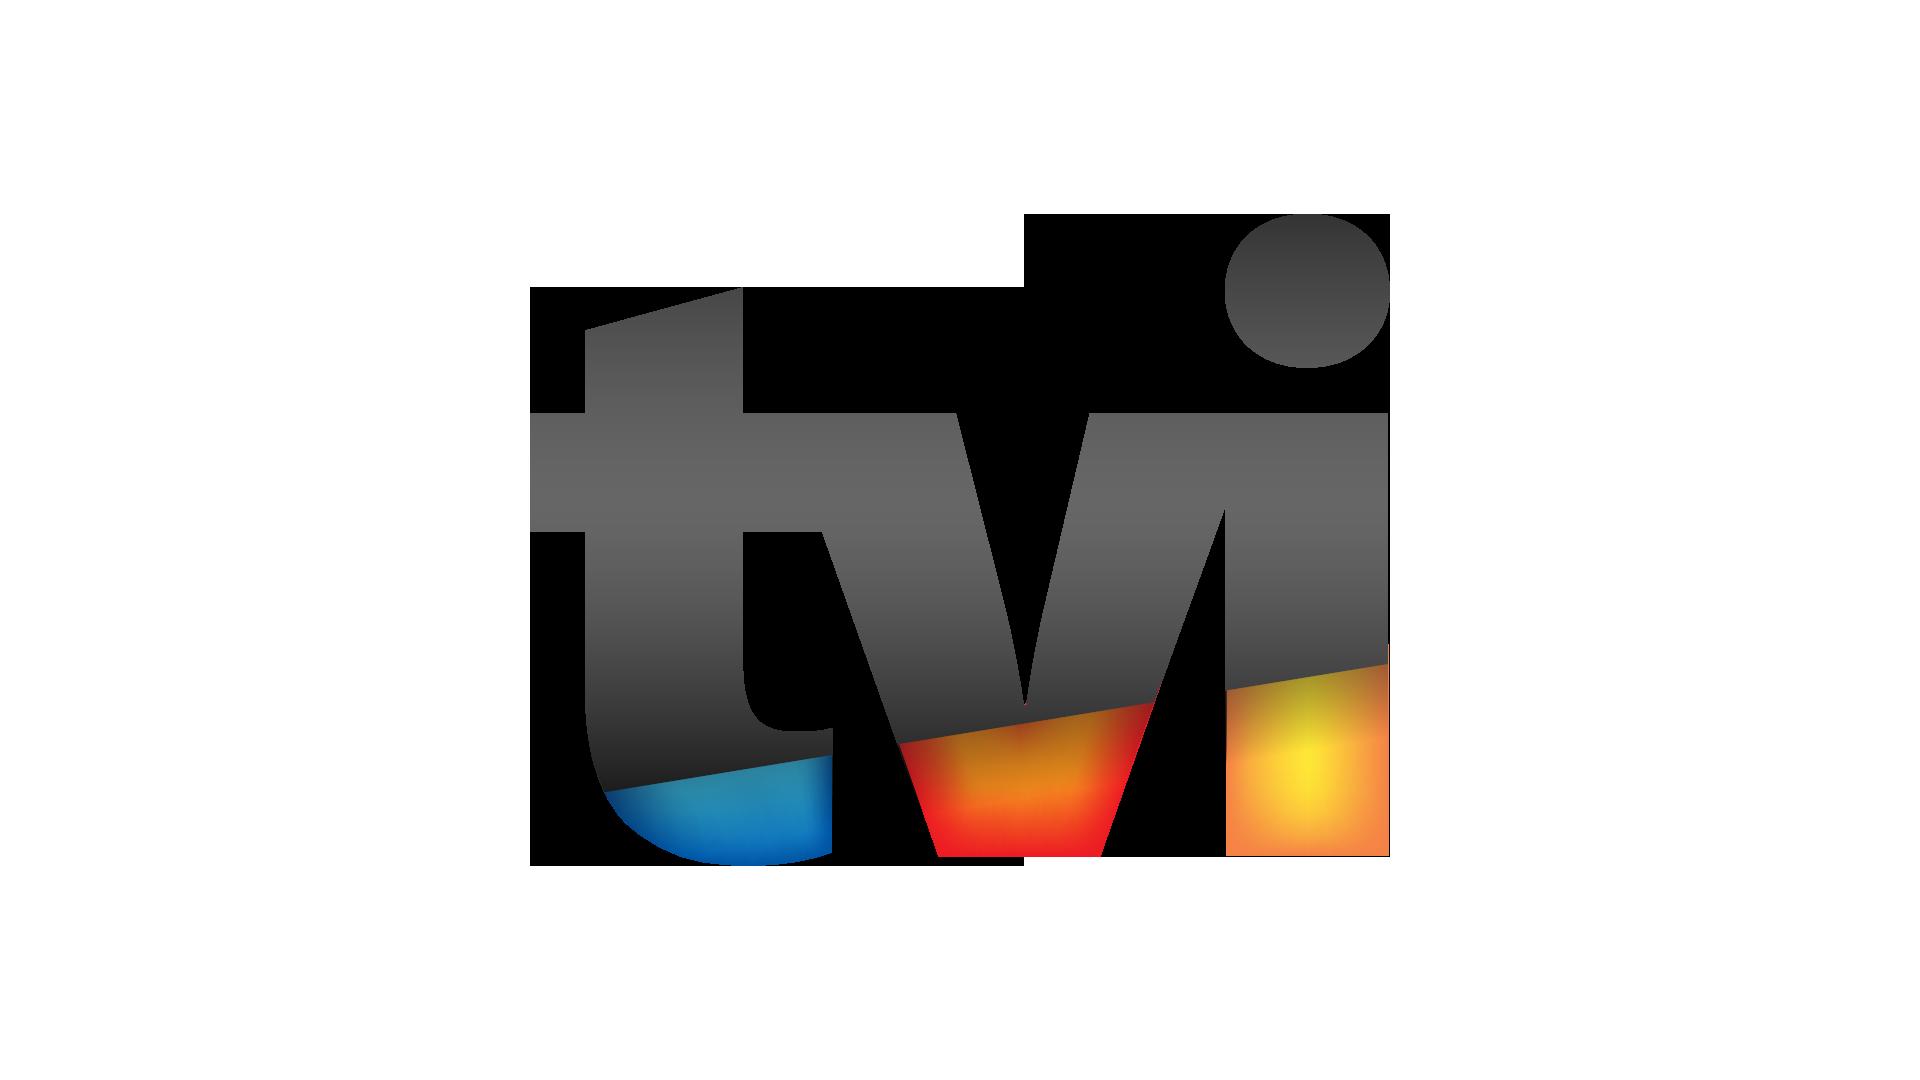 TVI continua a liderar em mês de aniversário